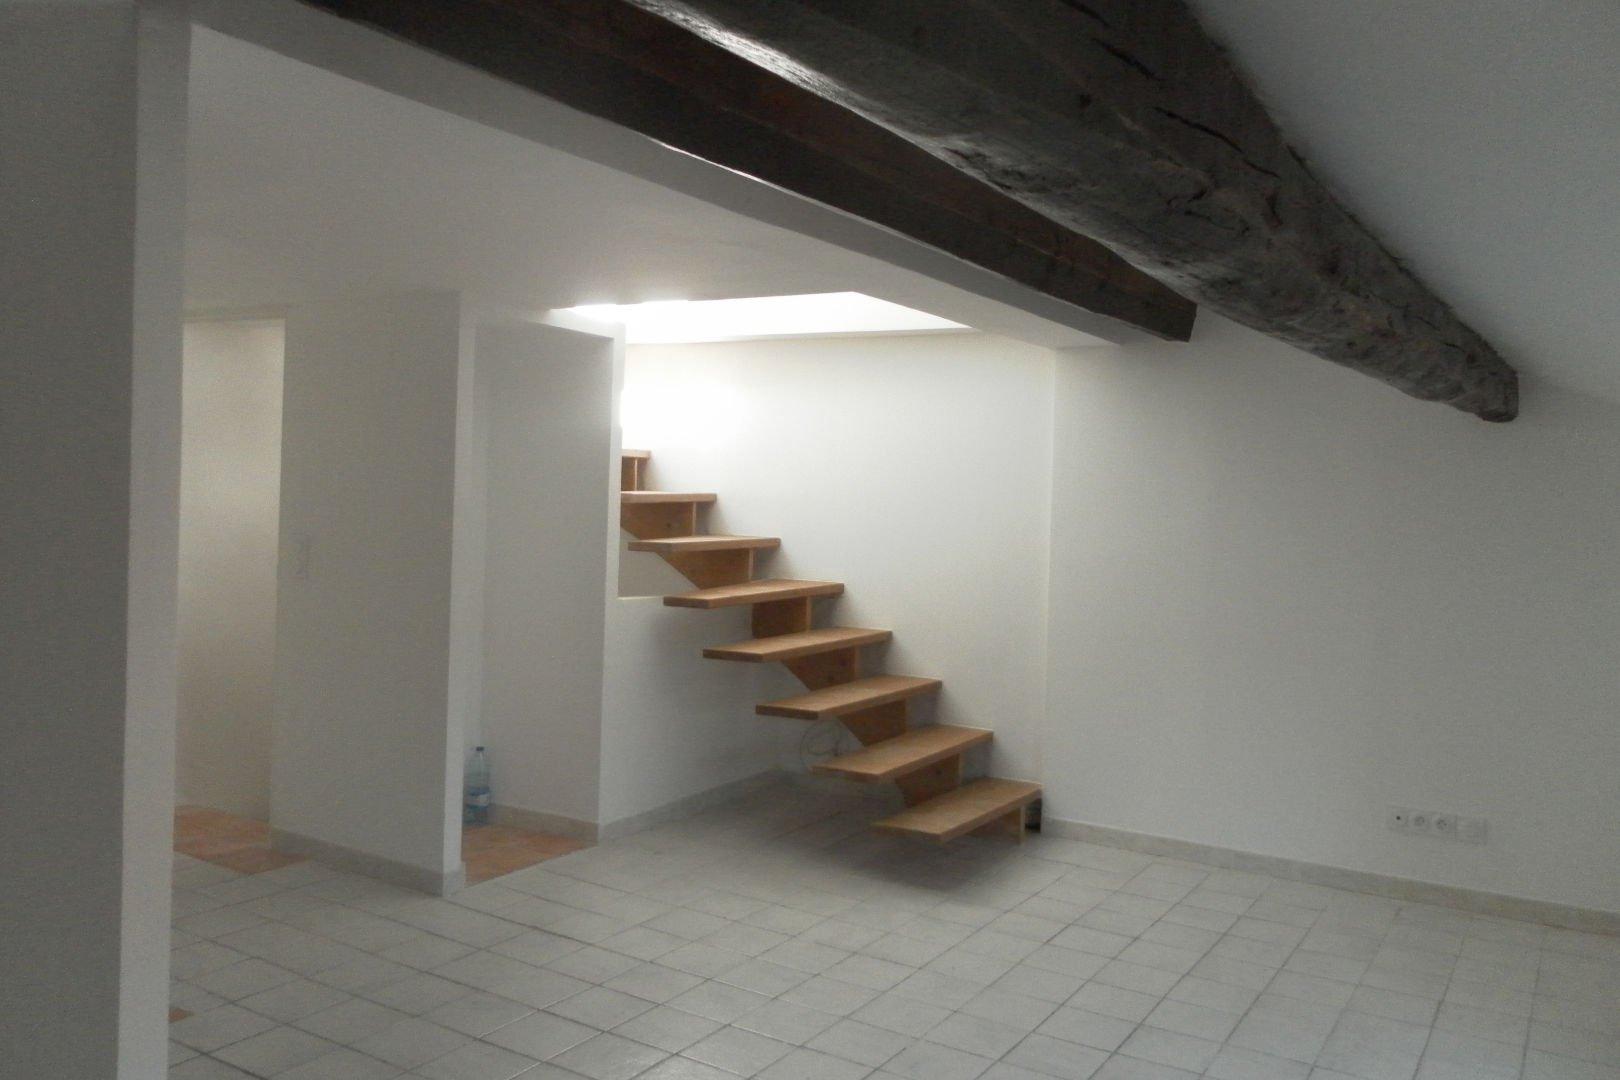 Location Maison de village - Sorgues